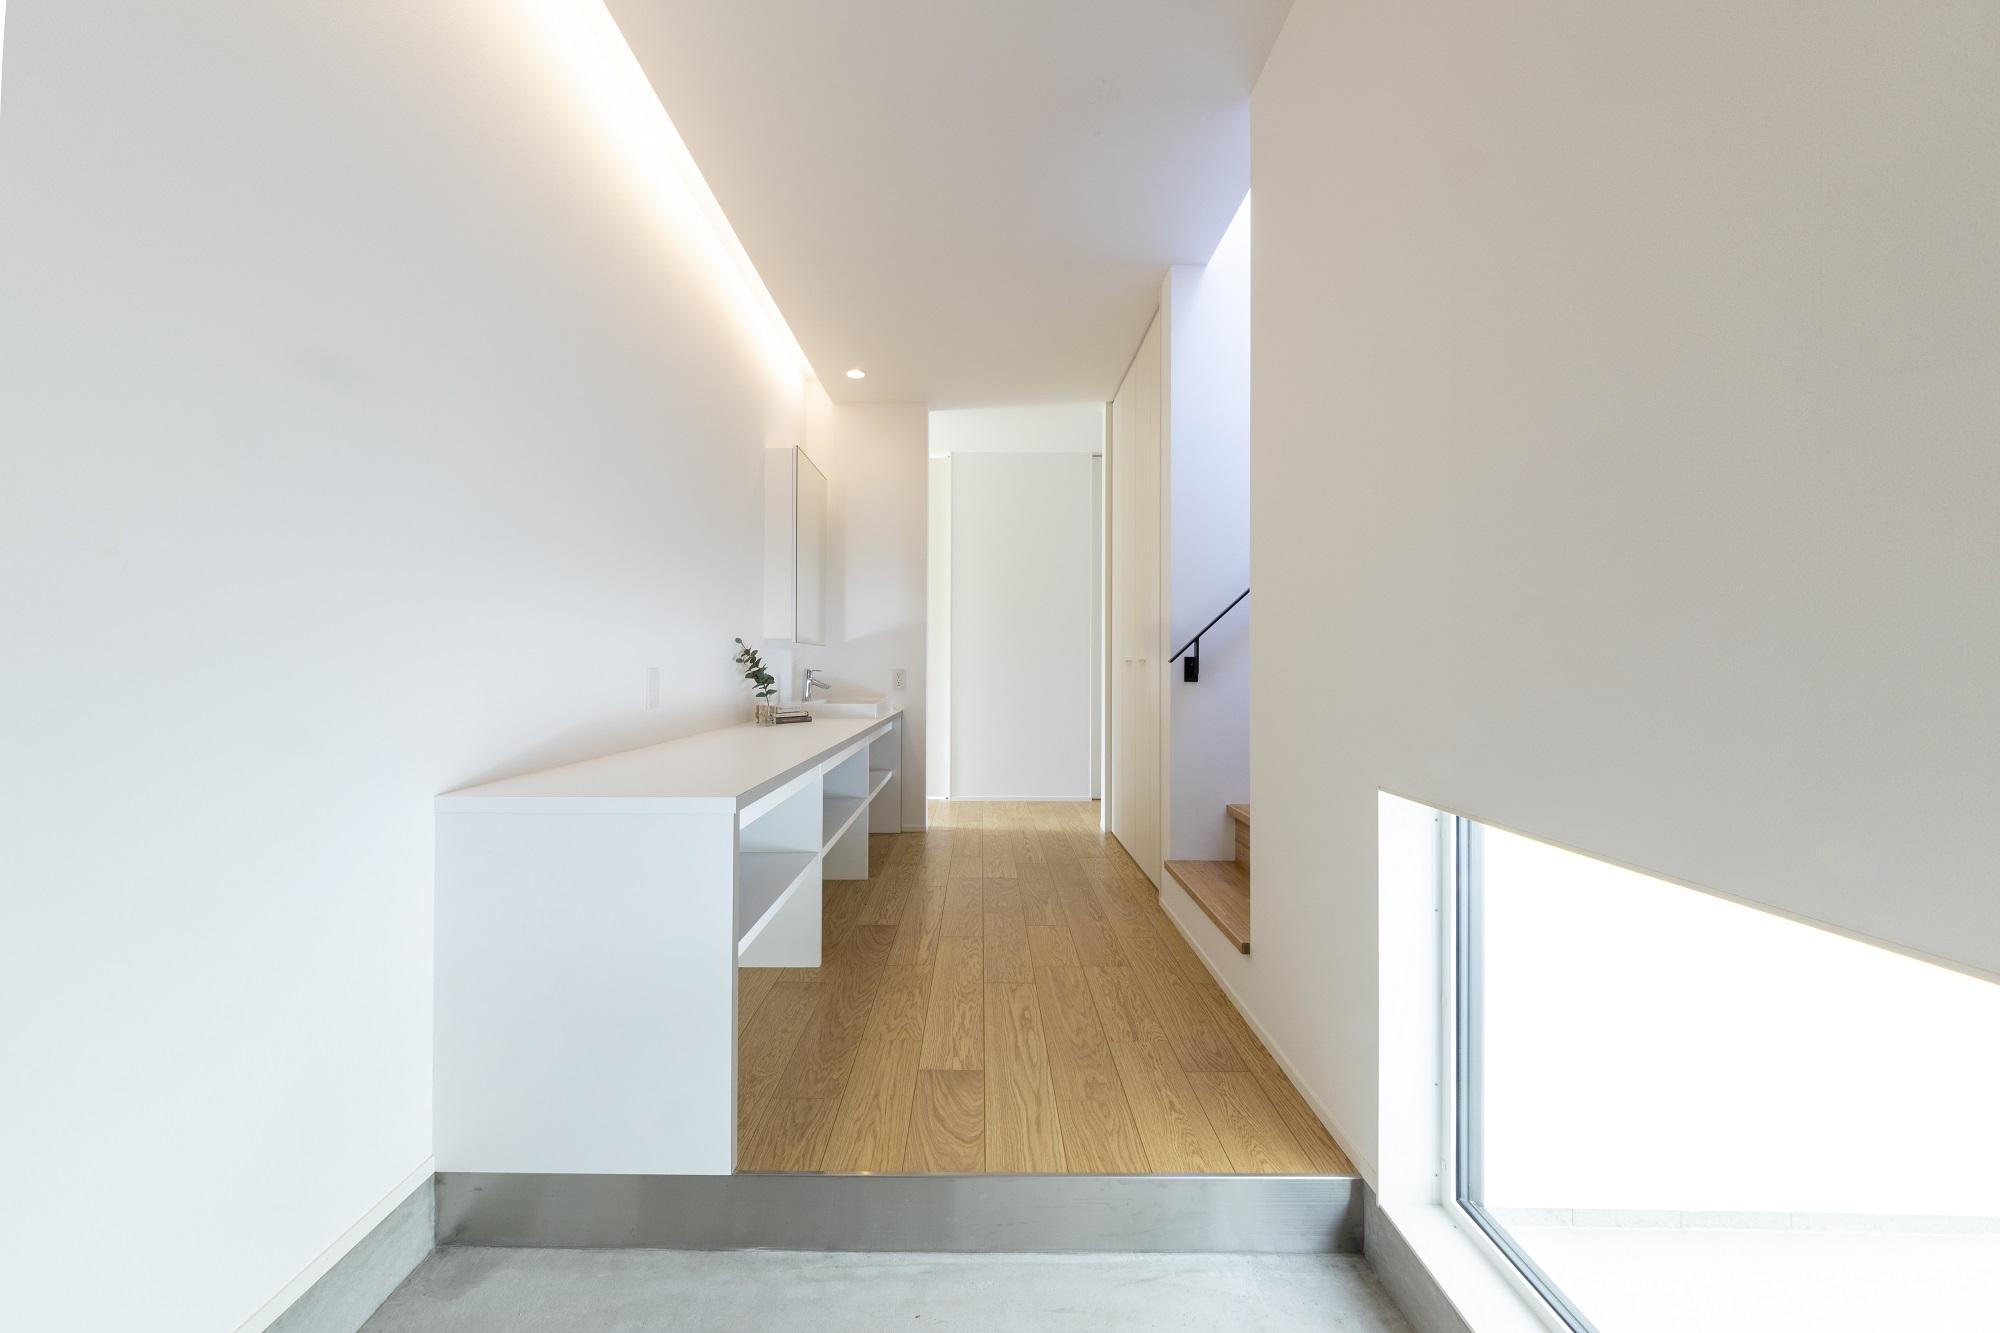 スタイルカーサ【デザイン住宅、趣味、屋上バルコニー】玄関を入るとホテルライクでシンプルな洗面。洗面でありながらも自慢できるデザインに。見せる収納にしながらもミラー内部の収納で隠したいものは隠せるように。どこを切り取っても遊びゴコロのある充実した空間になっている